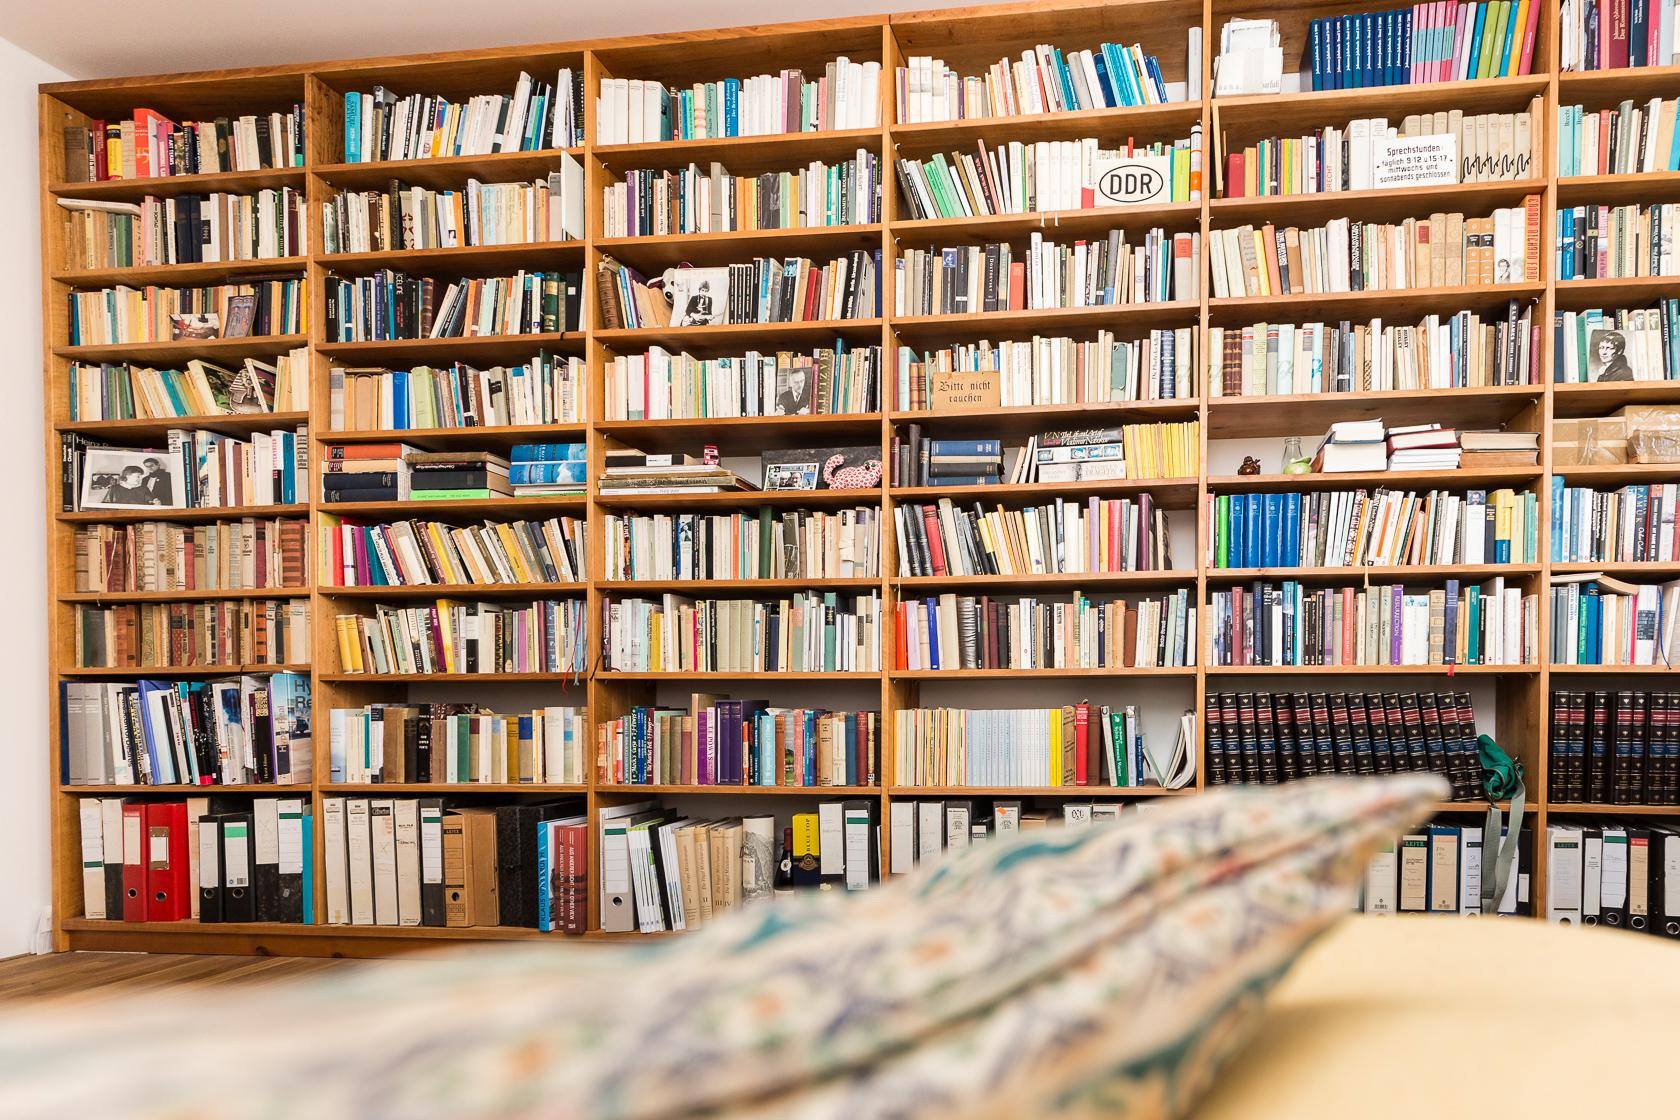 Maßgefertigte Bibliothek Aus Eiche #bibliothek #regal #wohnzimmer  ©Pickawood GmbH